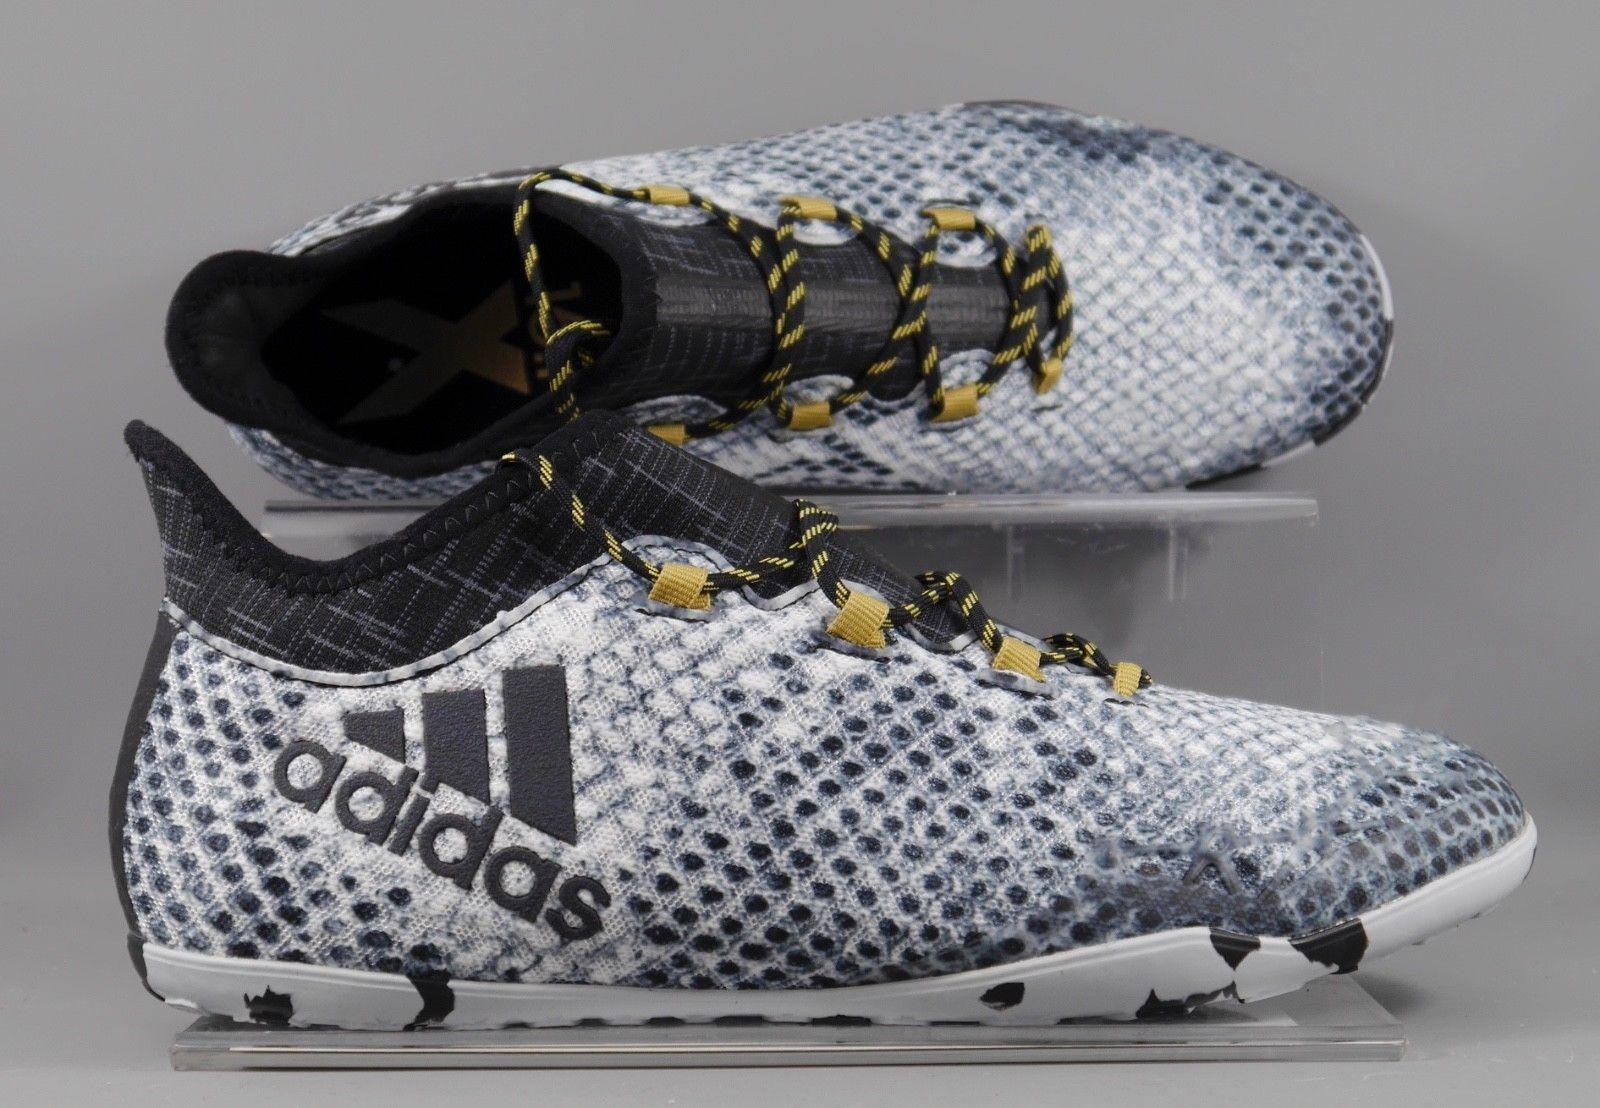 S31921 Adidas X 16.1 Court, indoor football boots   Football